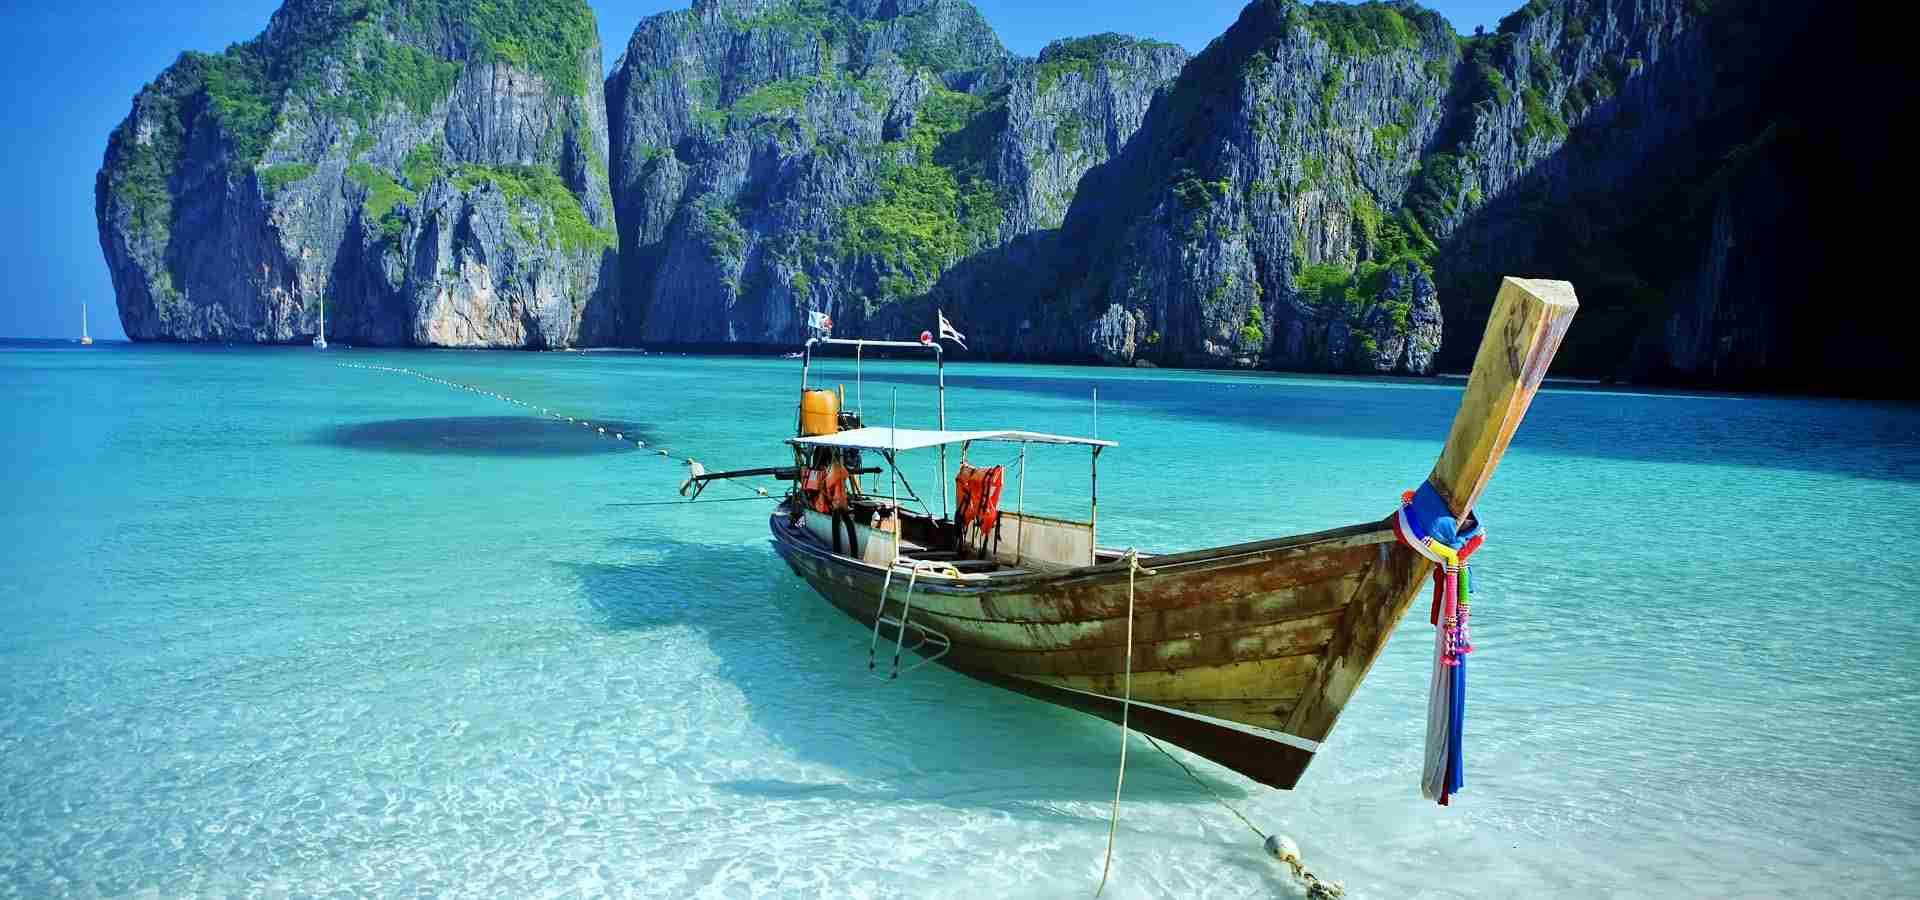 spiaggia Phuket, Thailandia